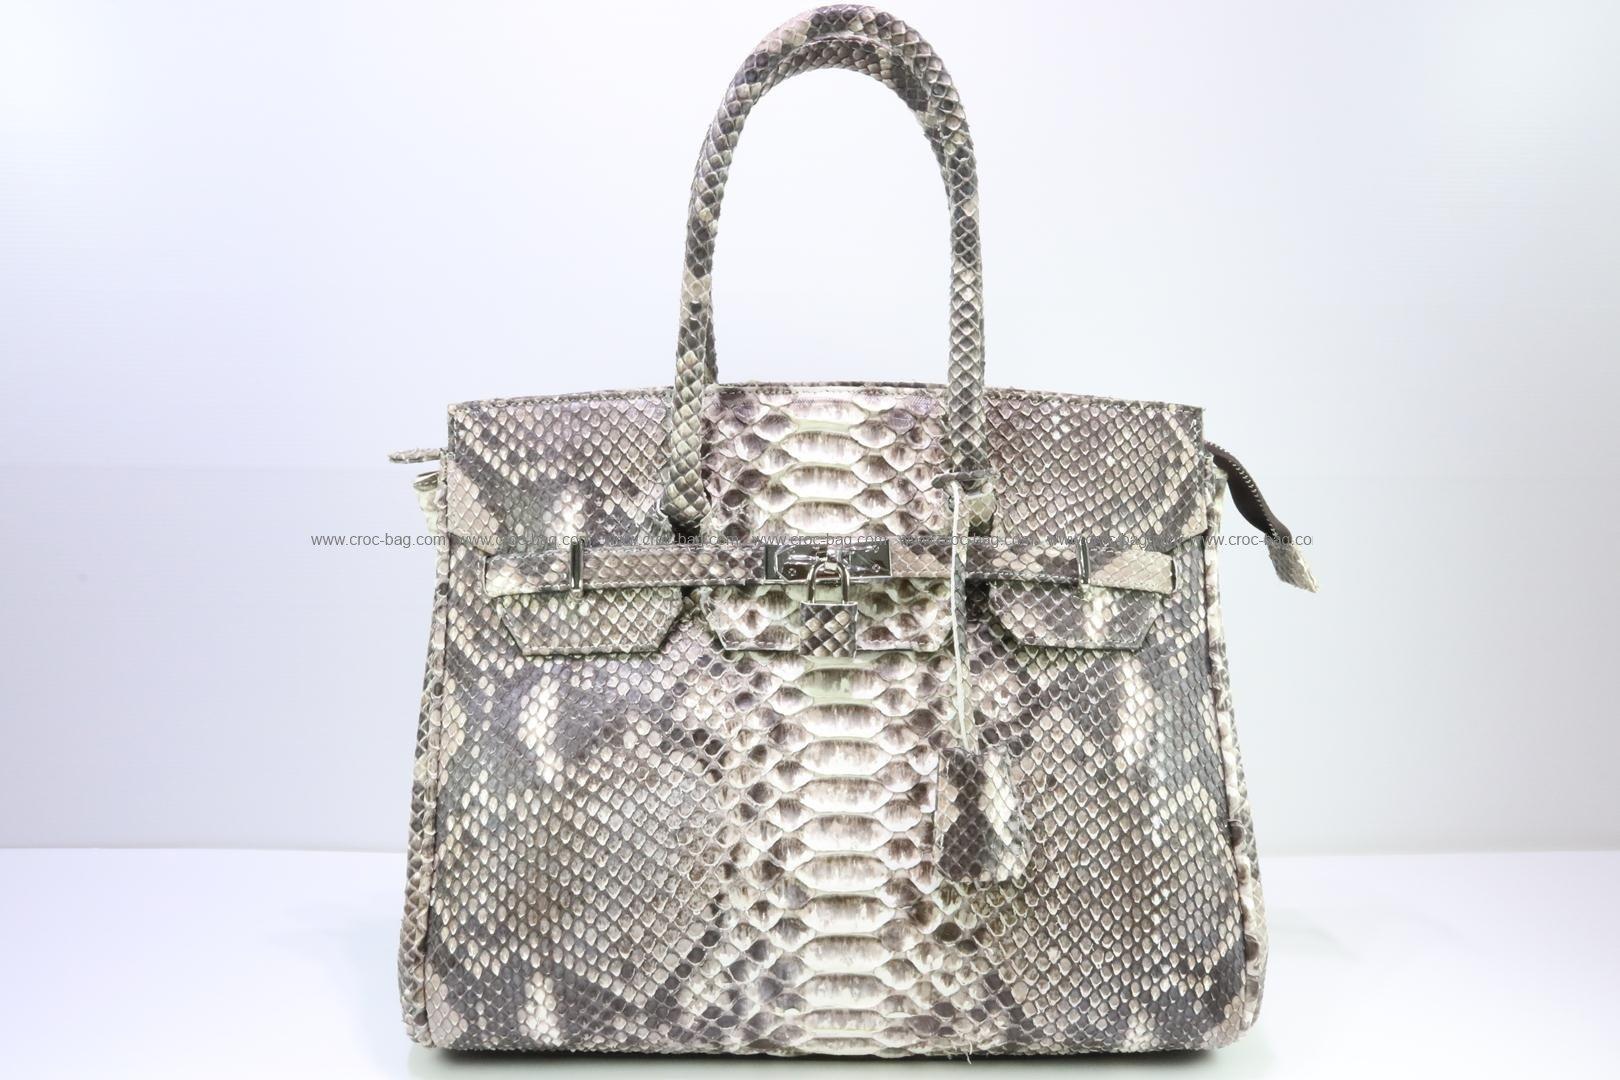 กระเป๋าถือหนังงูเหลือมสำหรับผู้หญิง 3076